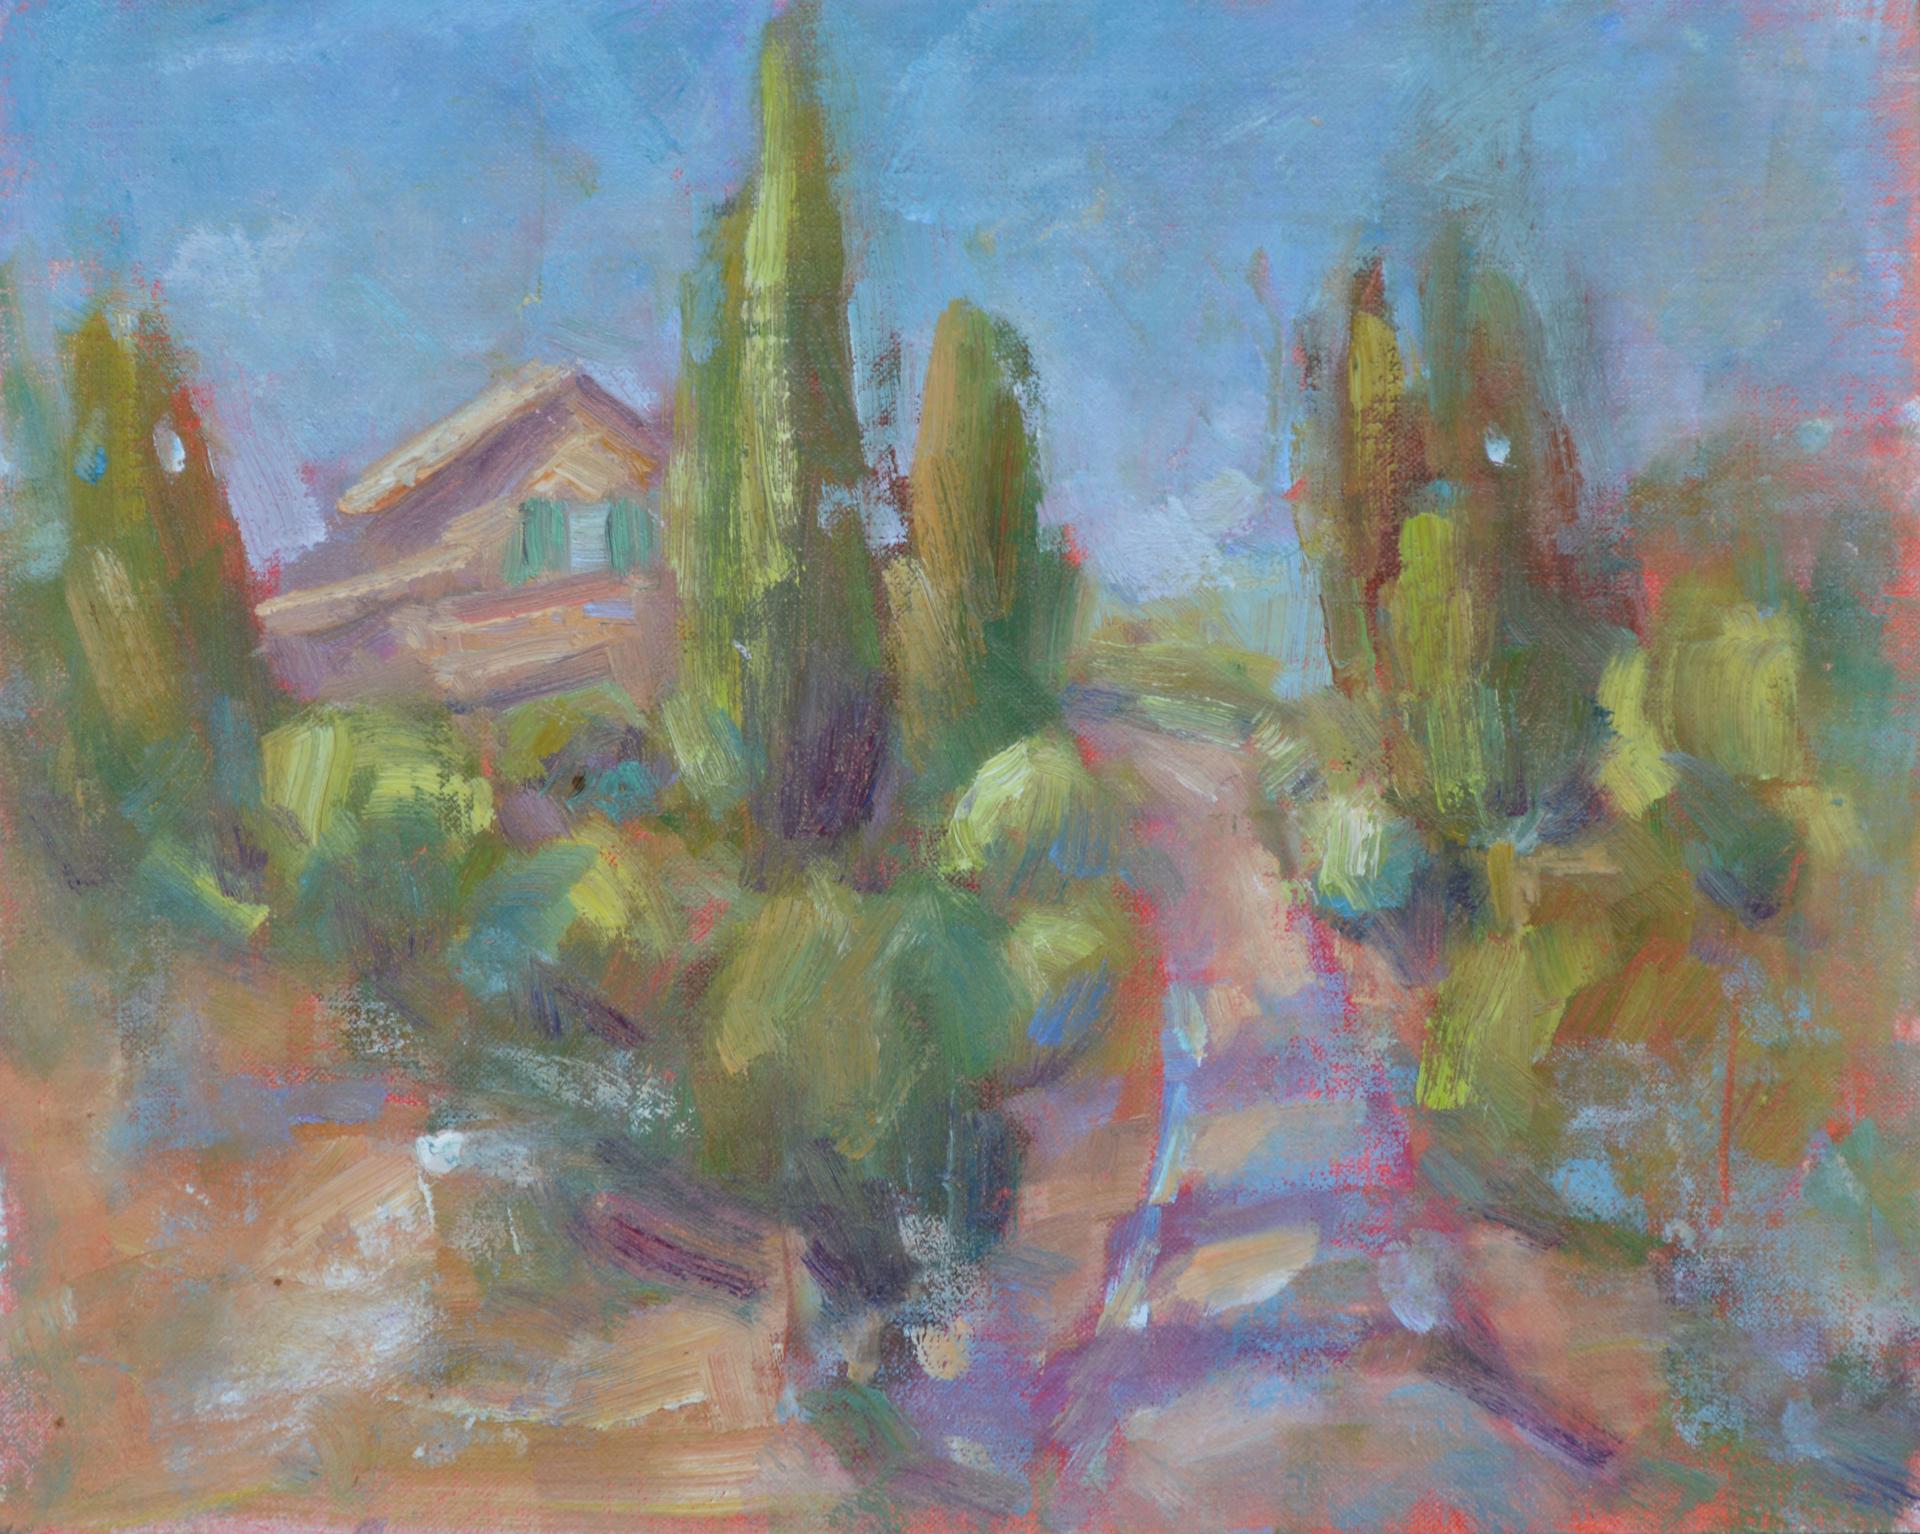 My Road to Tuscany by Karen Hewitt Hagan